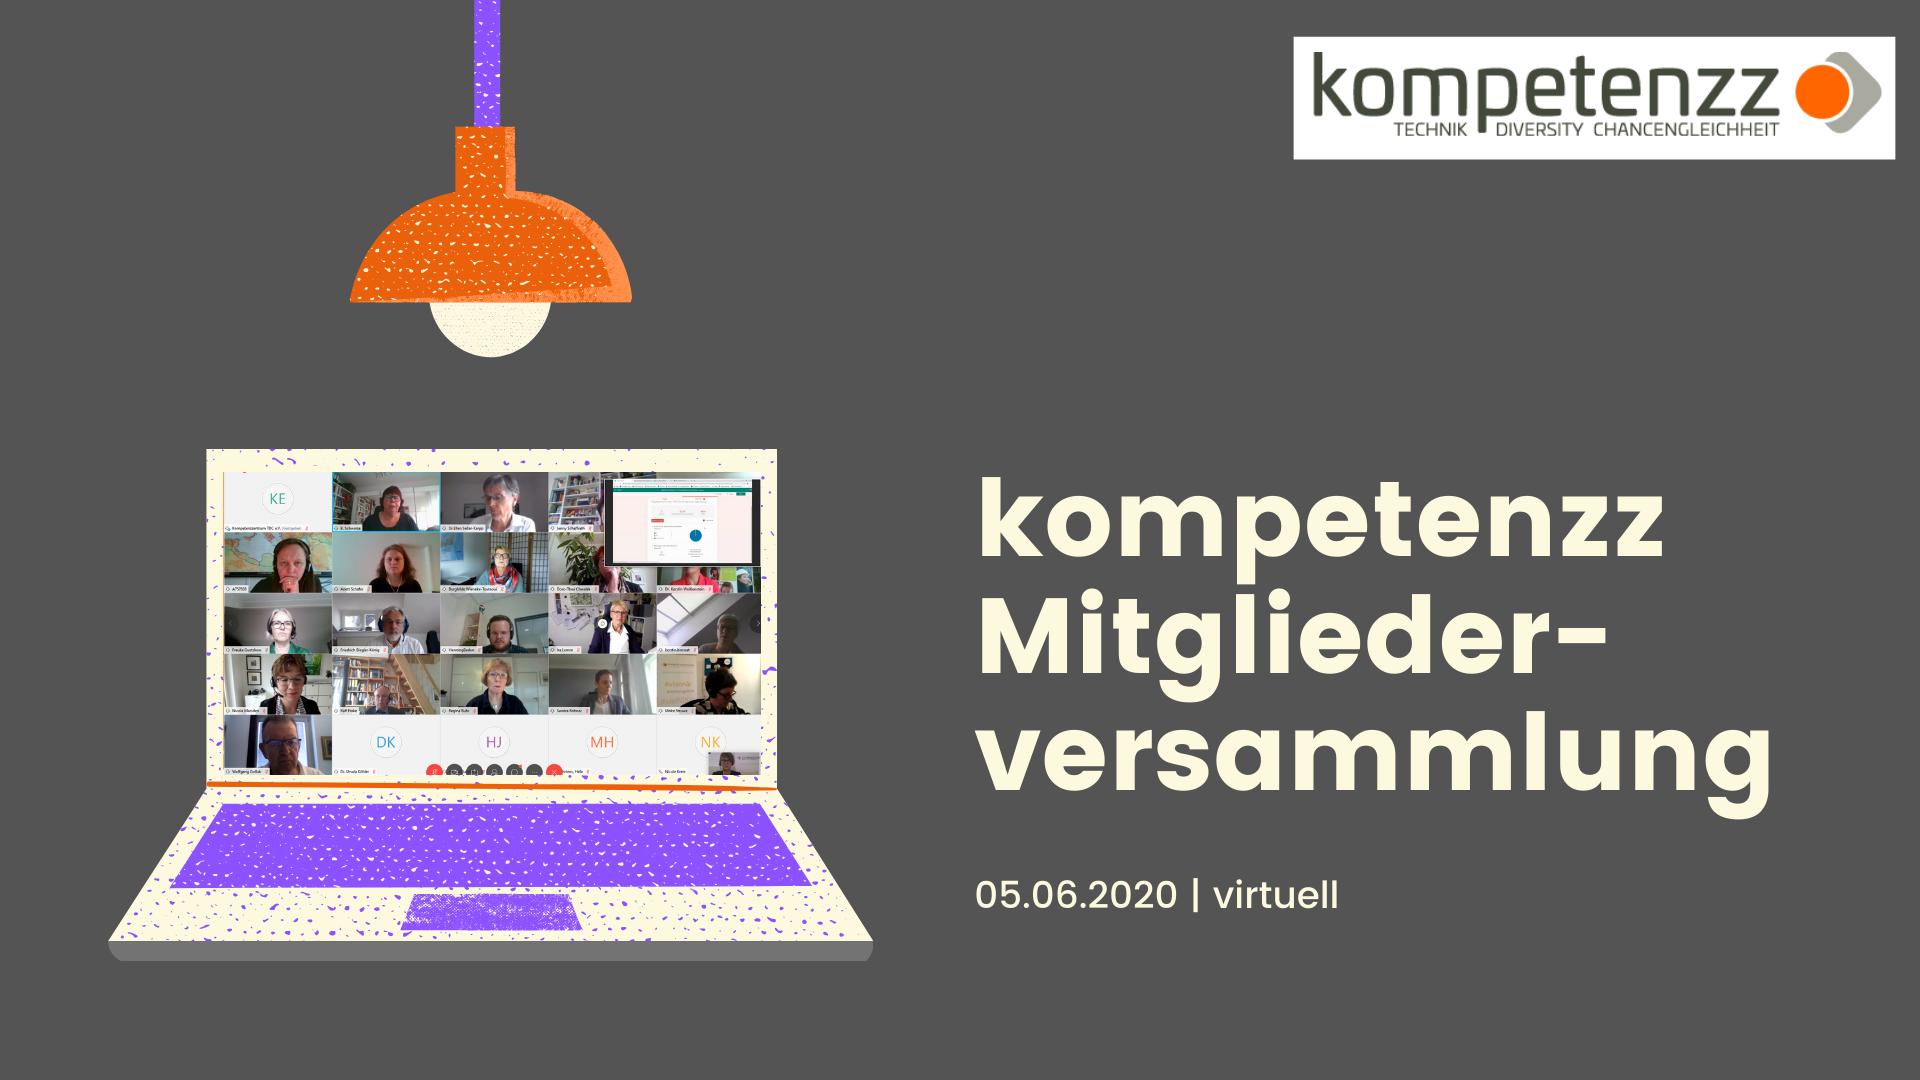 Bild eines Laptops auf dem eine virtuelle Versammlung zu sehen ist